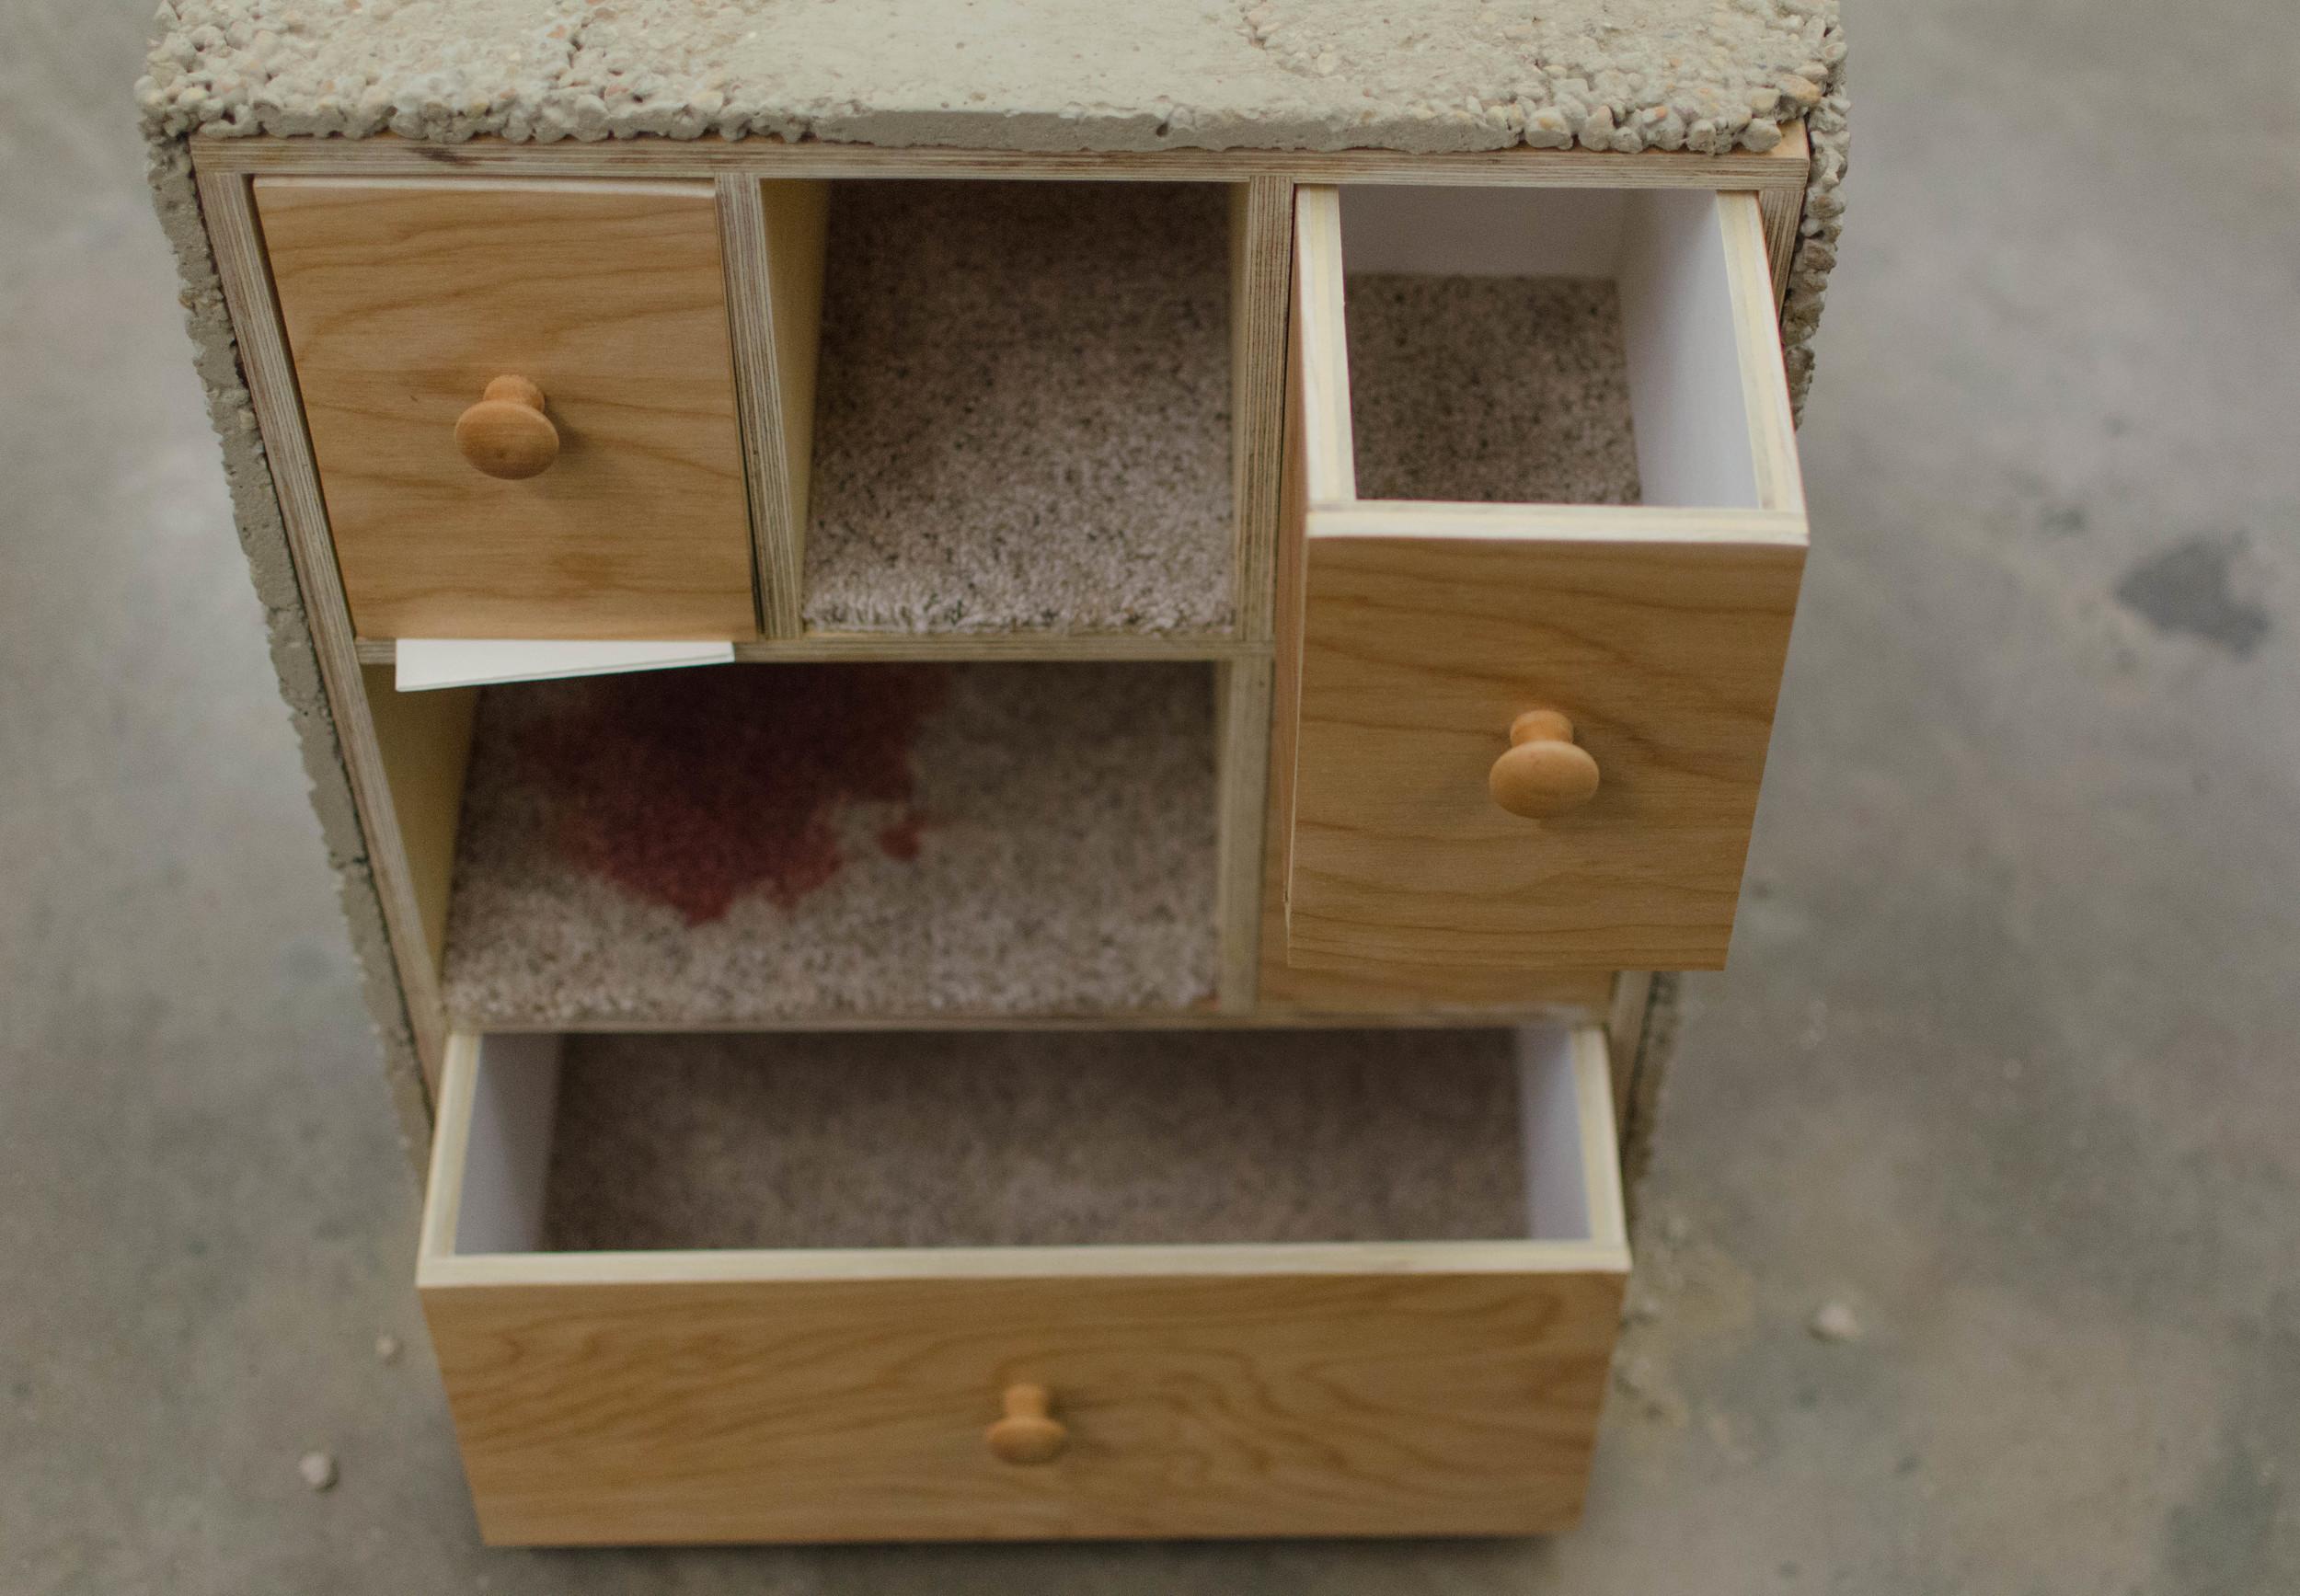 carpet, concrete, plywood, paint primer, stain, Febreze, note